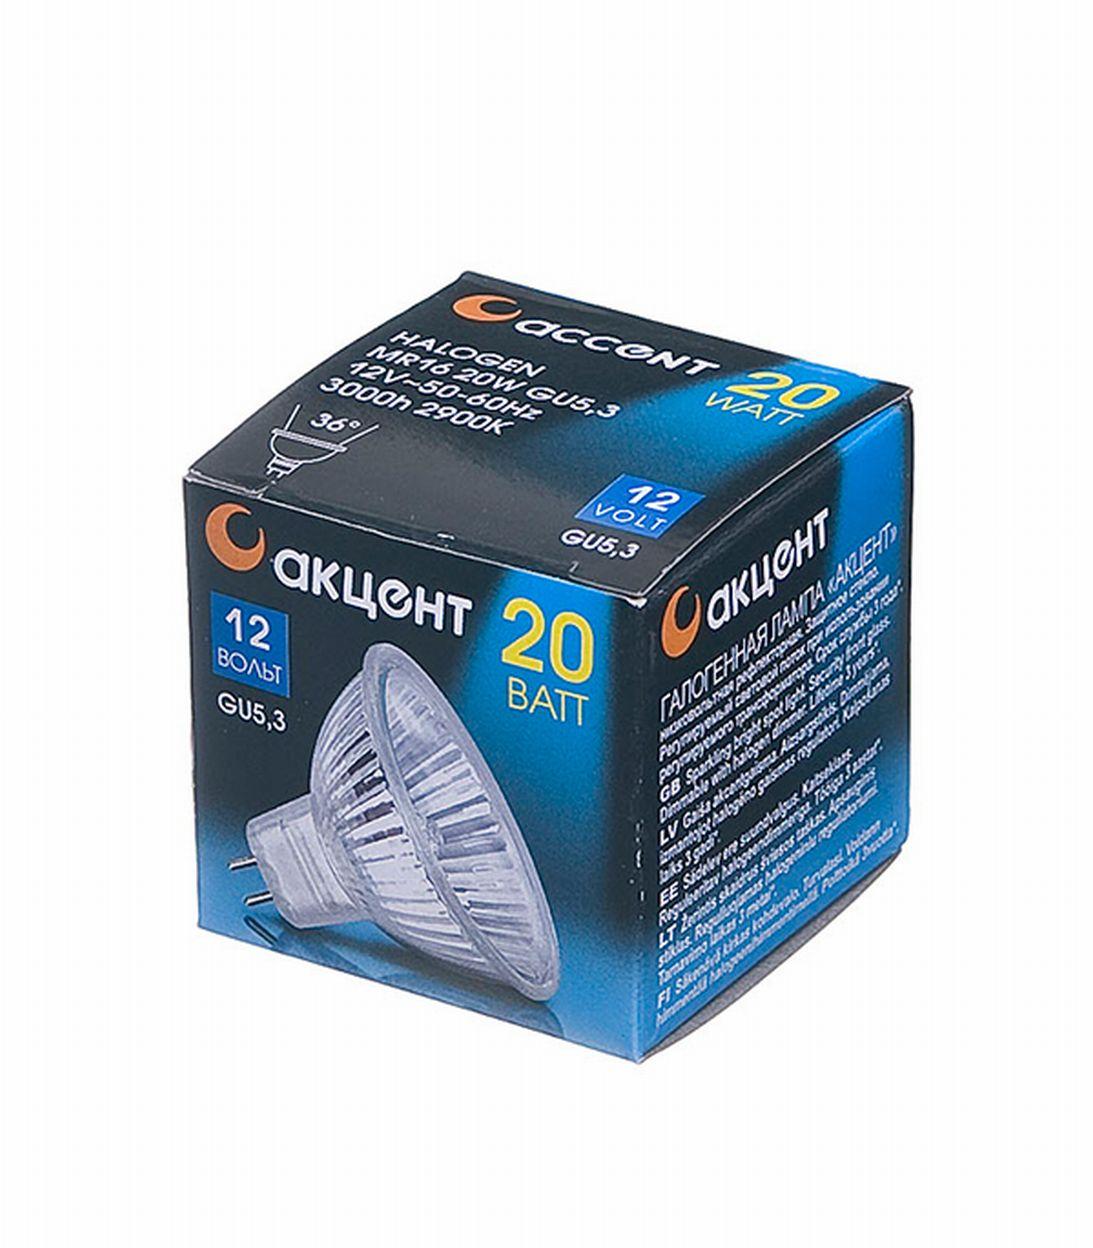 Лампа галогенная АКЦЕНТ MR16 12В 20W 36° GU5,3 с отражателем и защитным стеклом фото